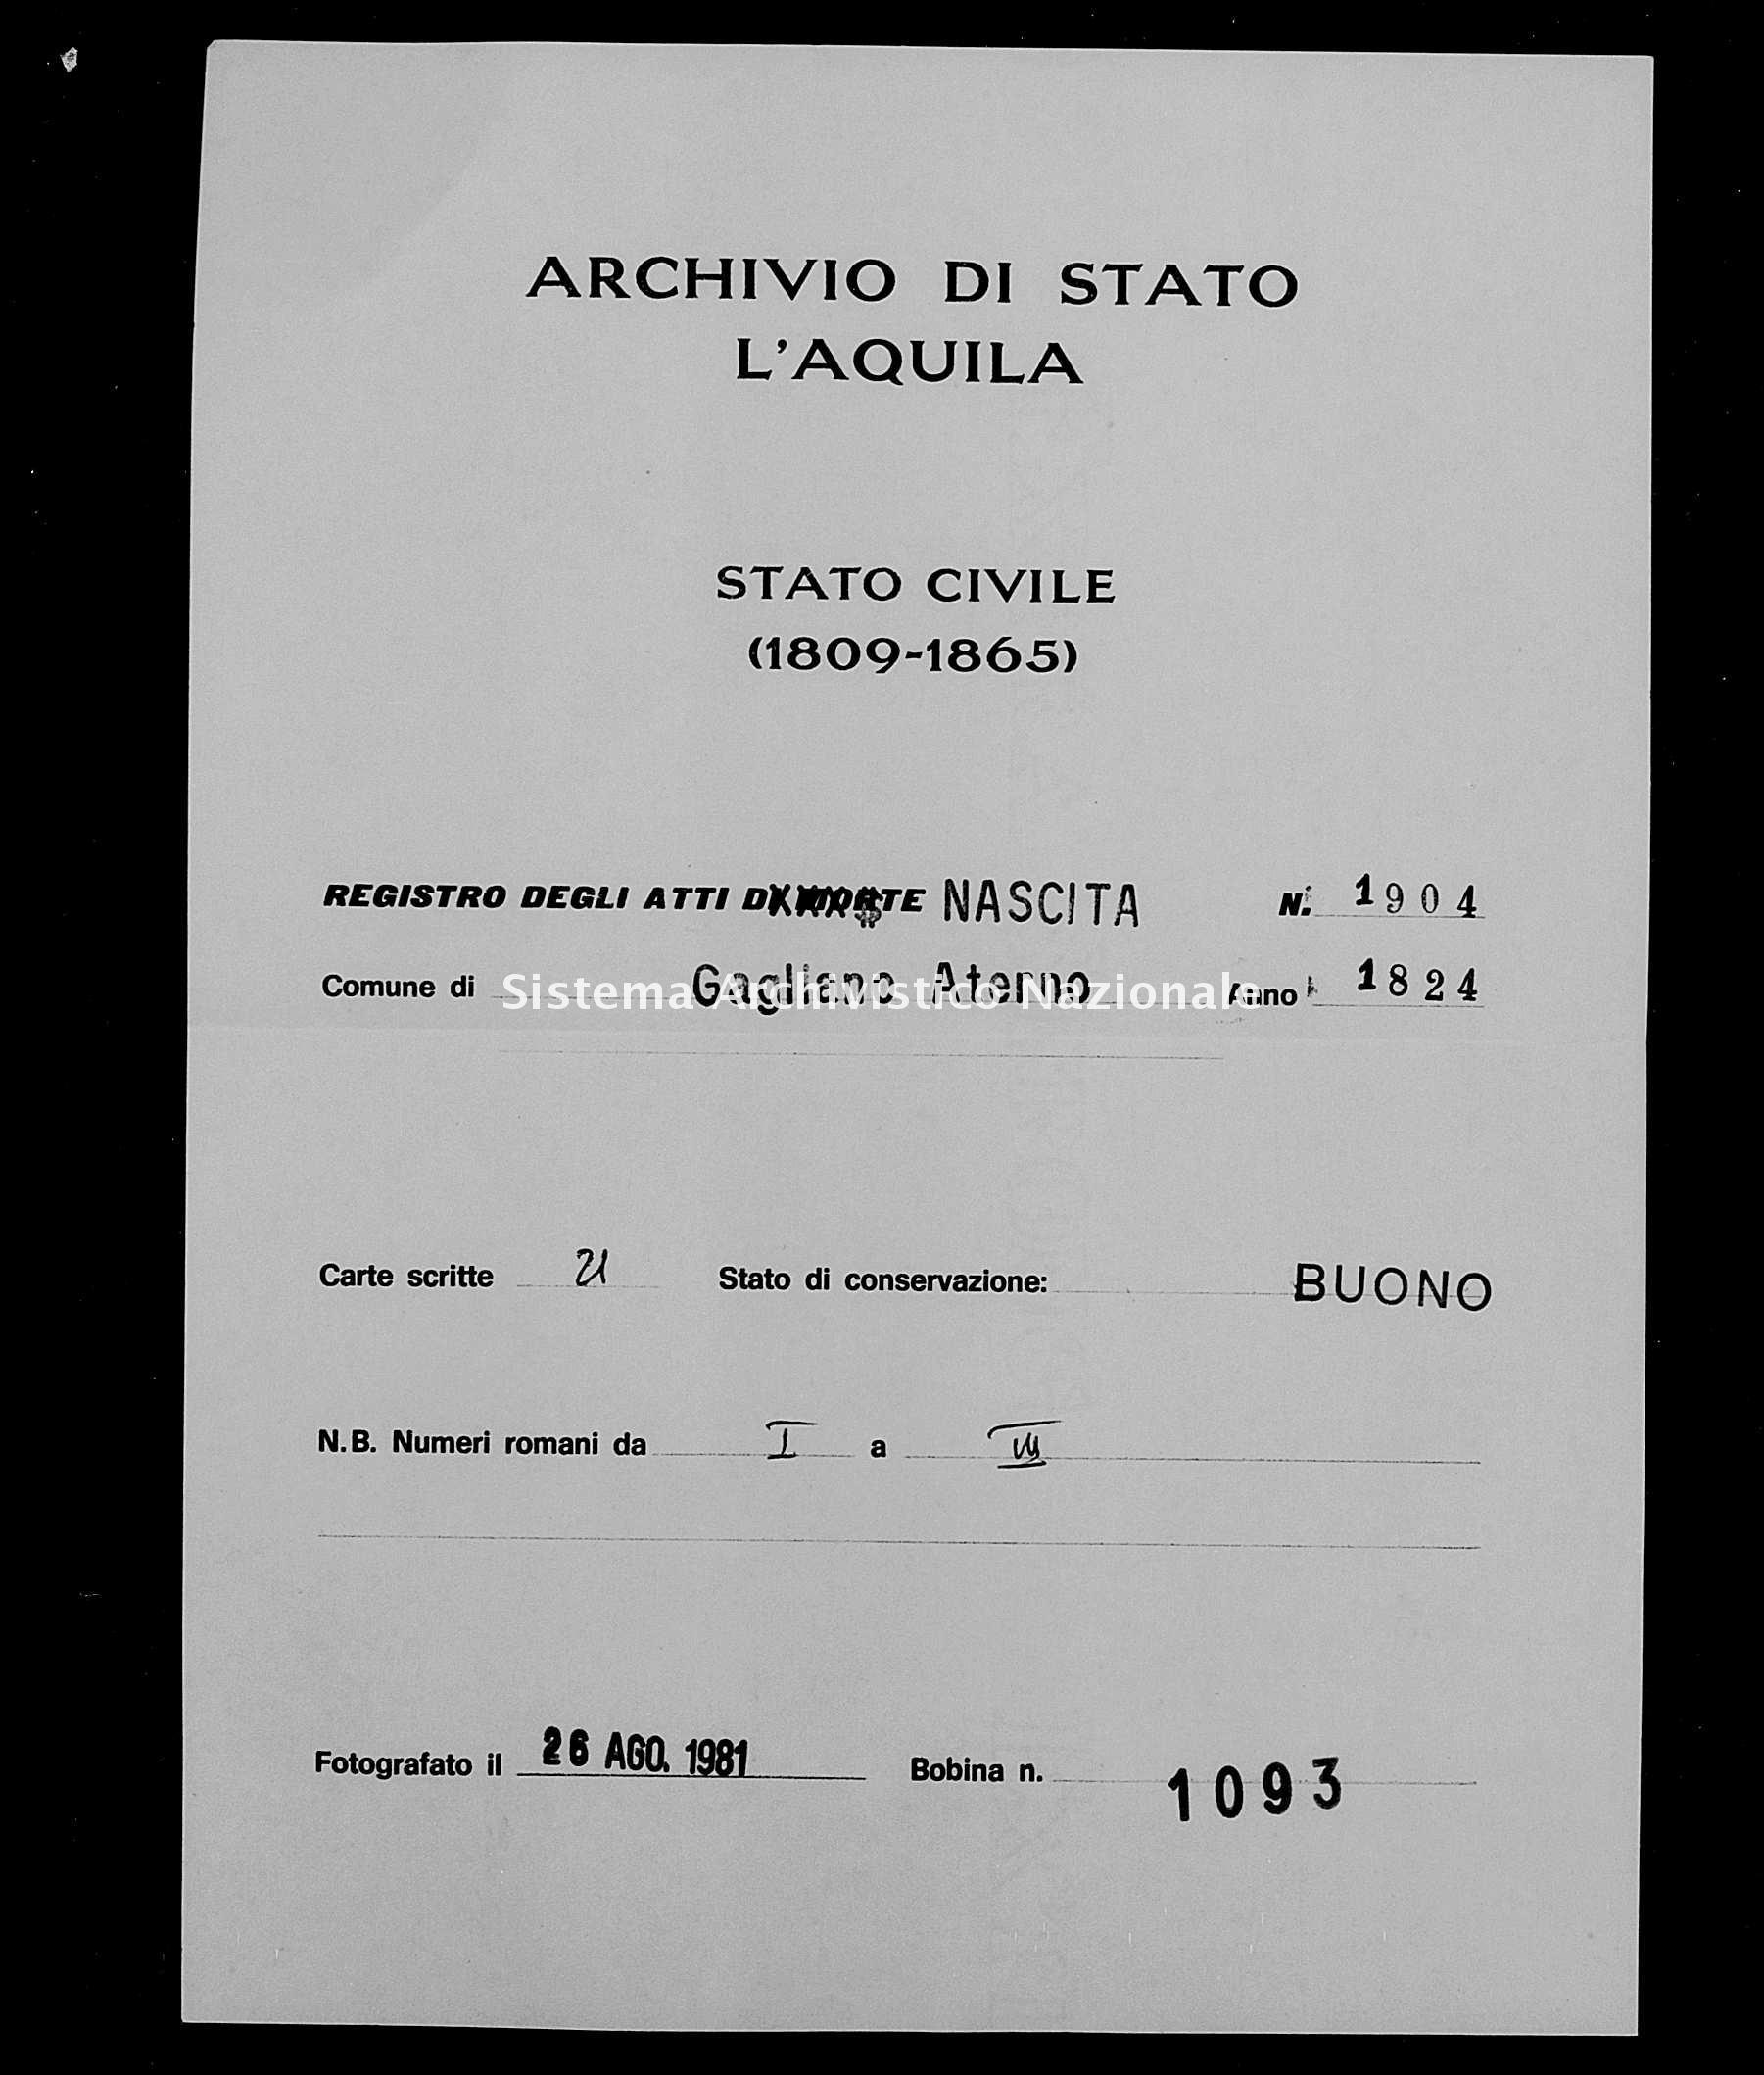 Archivio di stato di L'aquila - Stato civile della restaurazione - Gagliano Aterno - Nati - 1824 - 1904 -